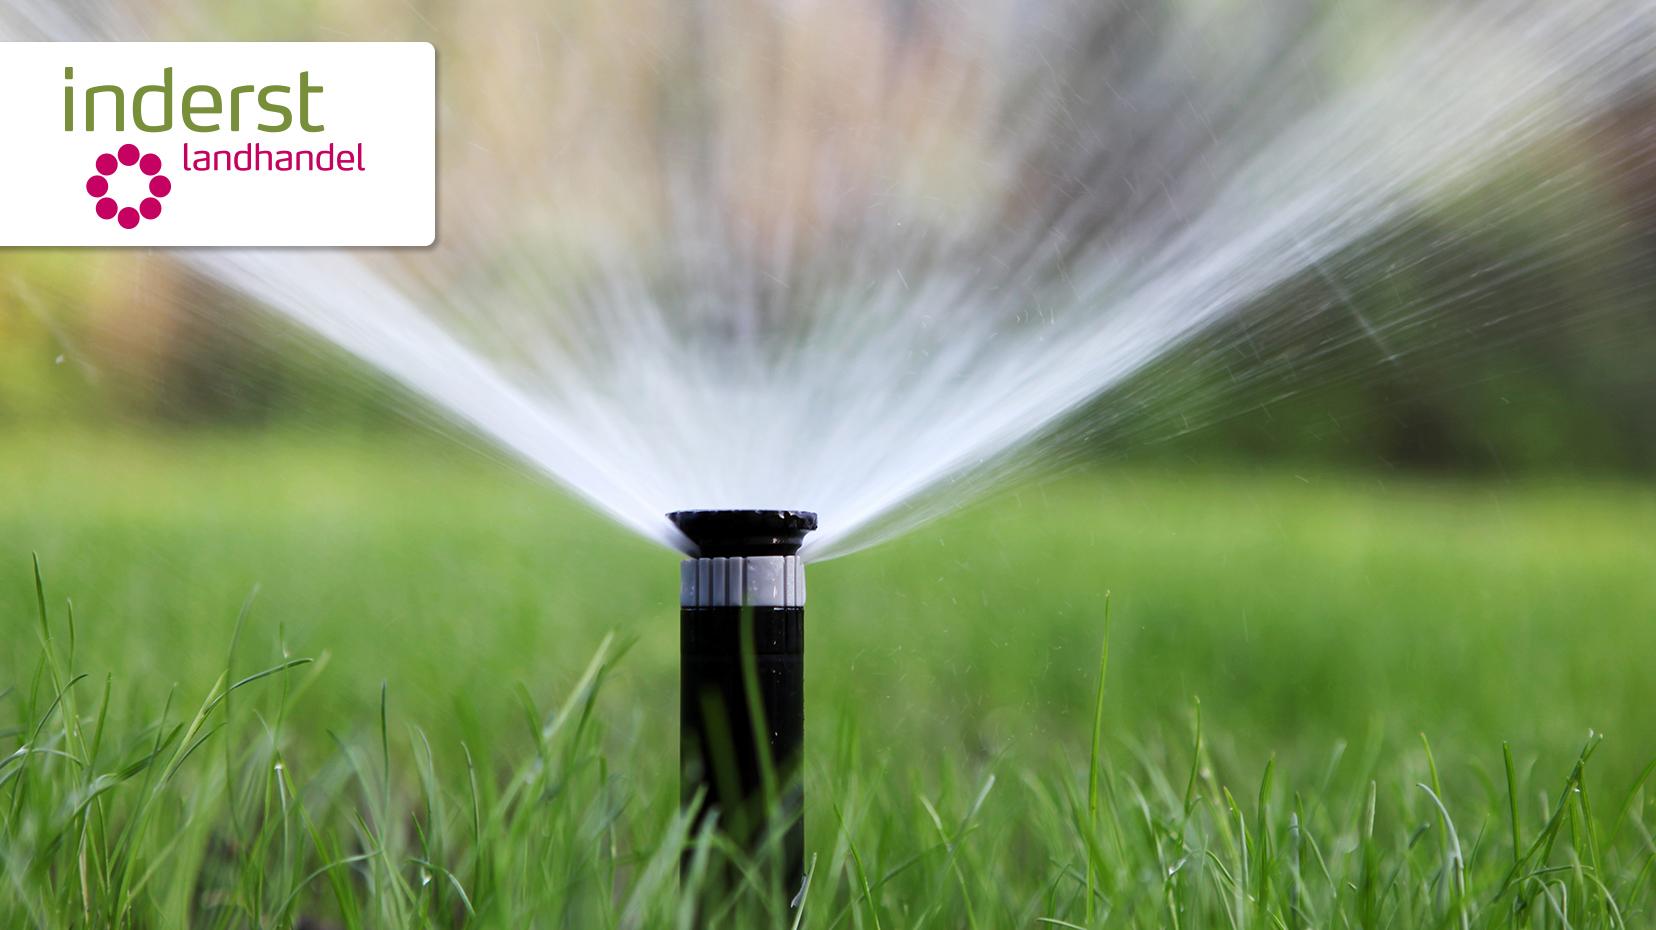 wasser sparen im garten tipps sommer, bei sommerhitze den garten bewässern - tipps & tricks - inderst, Design ideen